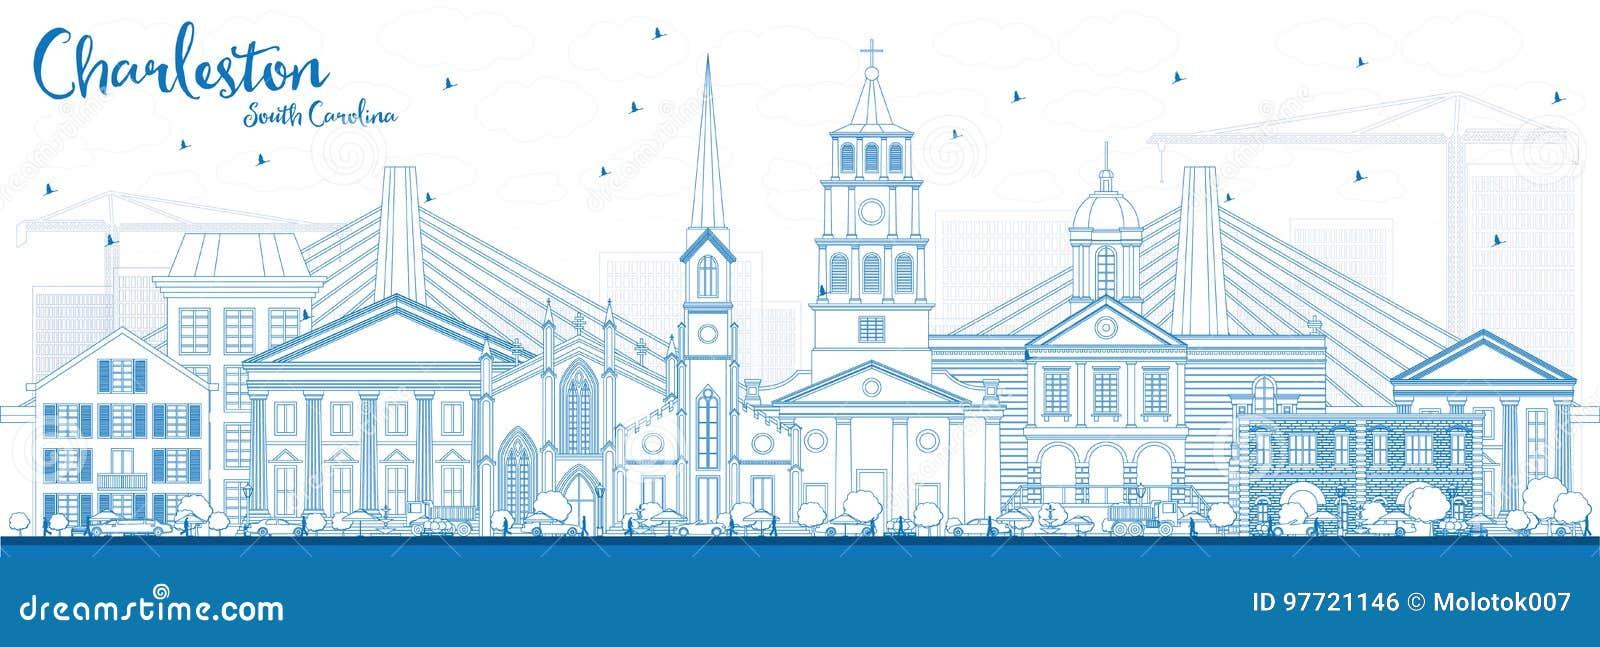 Ορίζοντας της νότιας Καρολίνας του Τσάρλεστον περιλήψεων με τα μπλε κτήρια